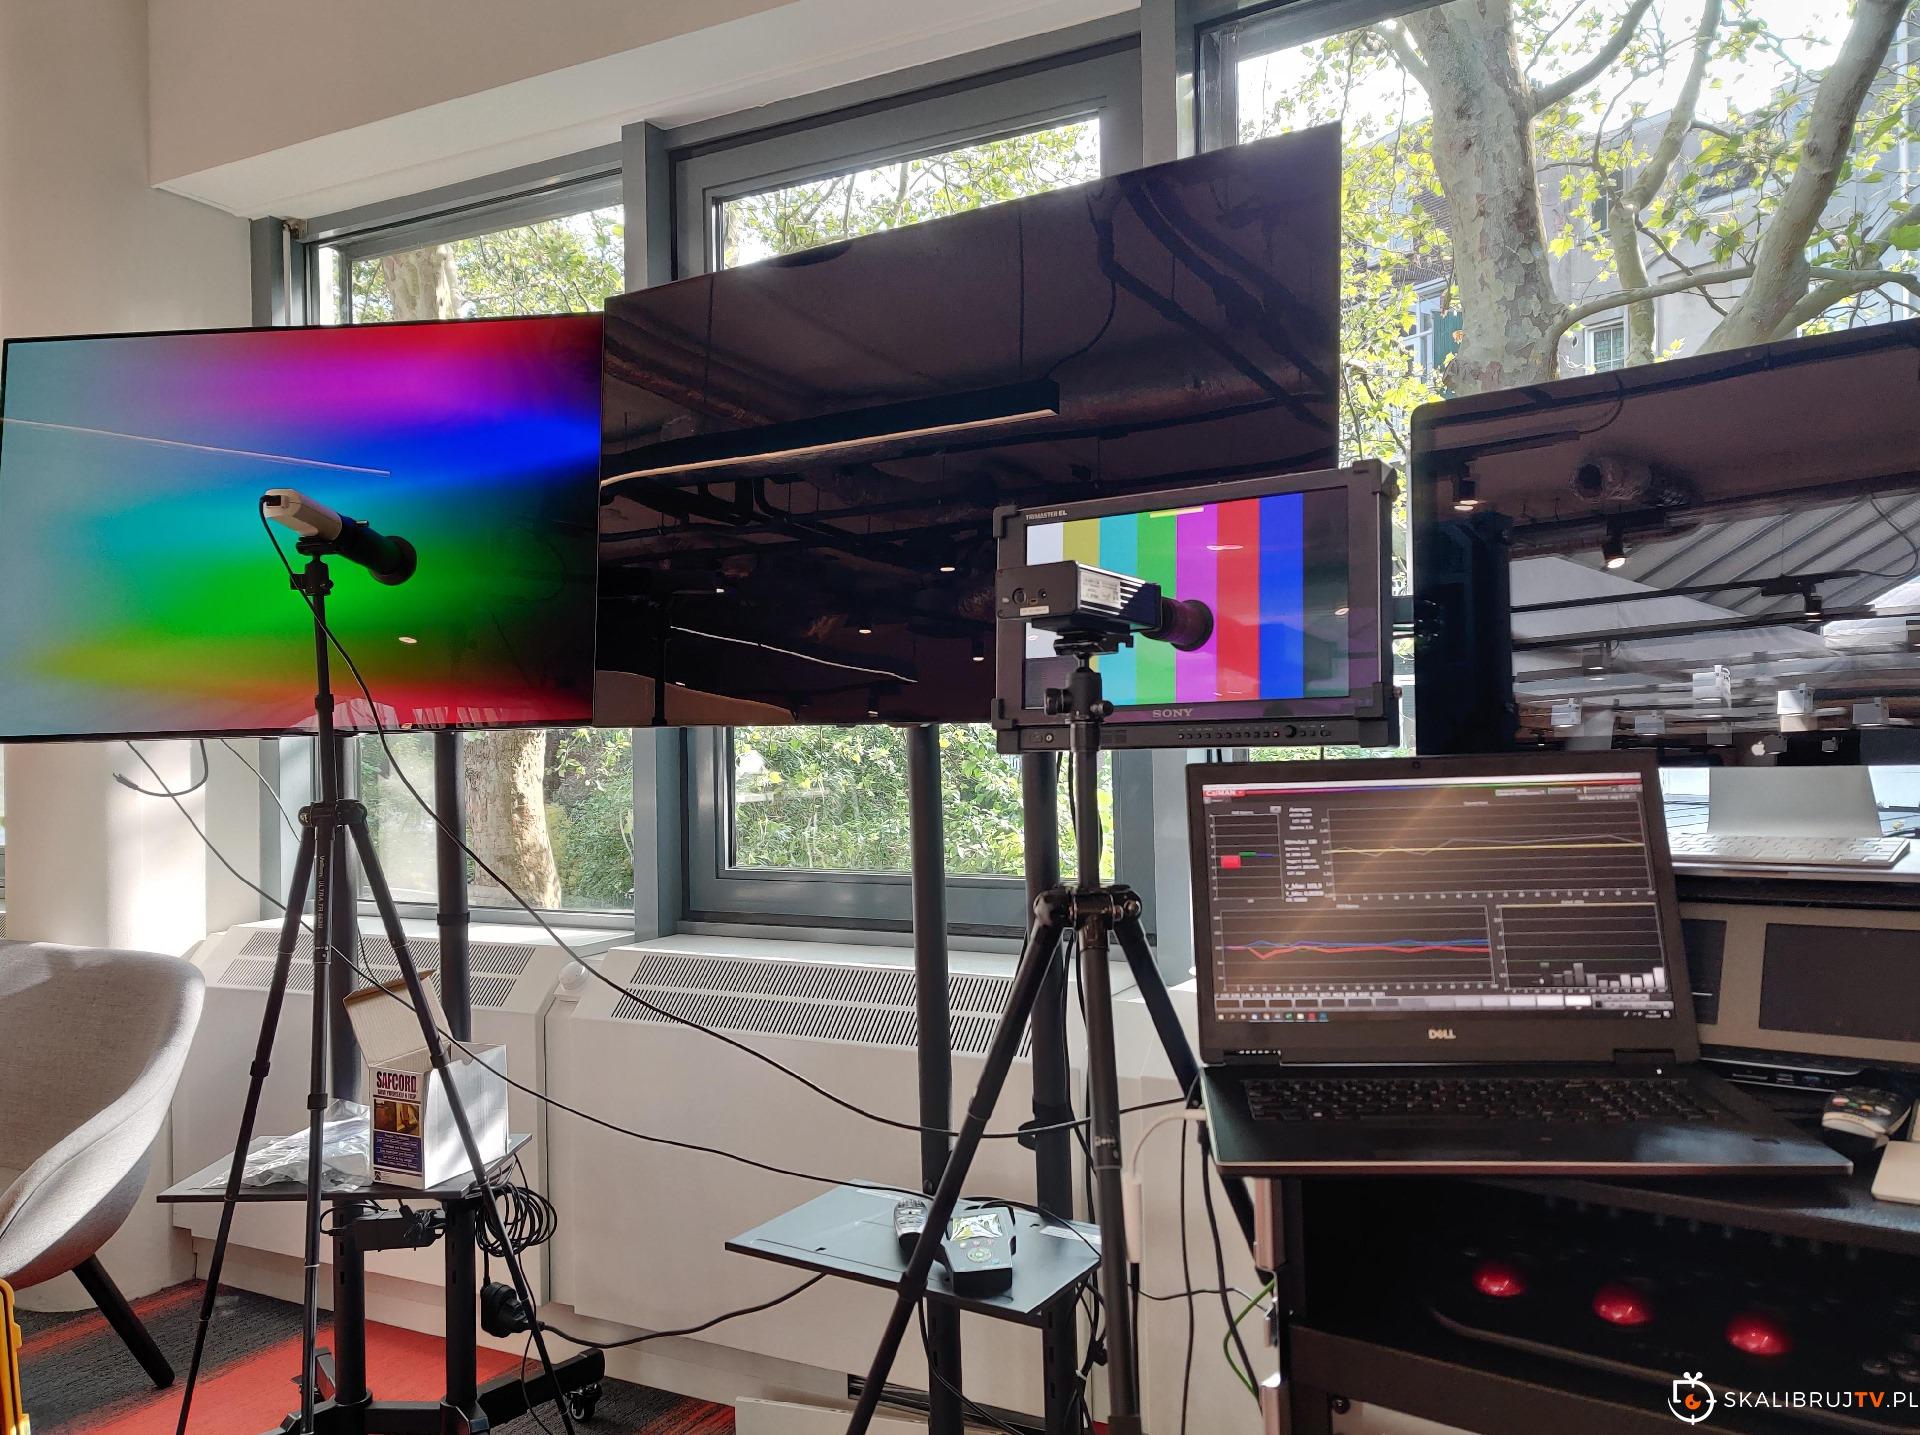 Nasza kalibracja telewizorów dla Netflix | SkalibrujTV.pl